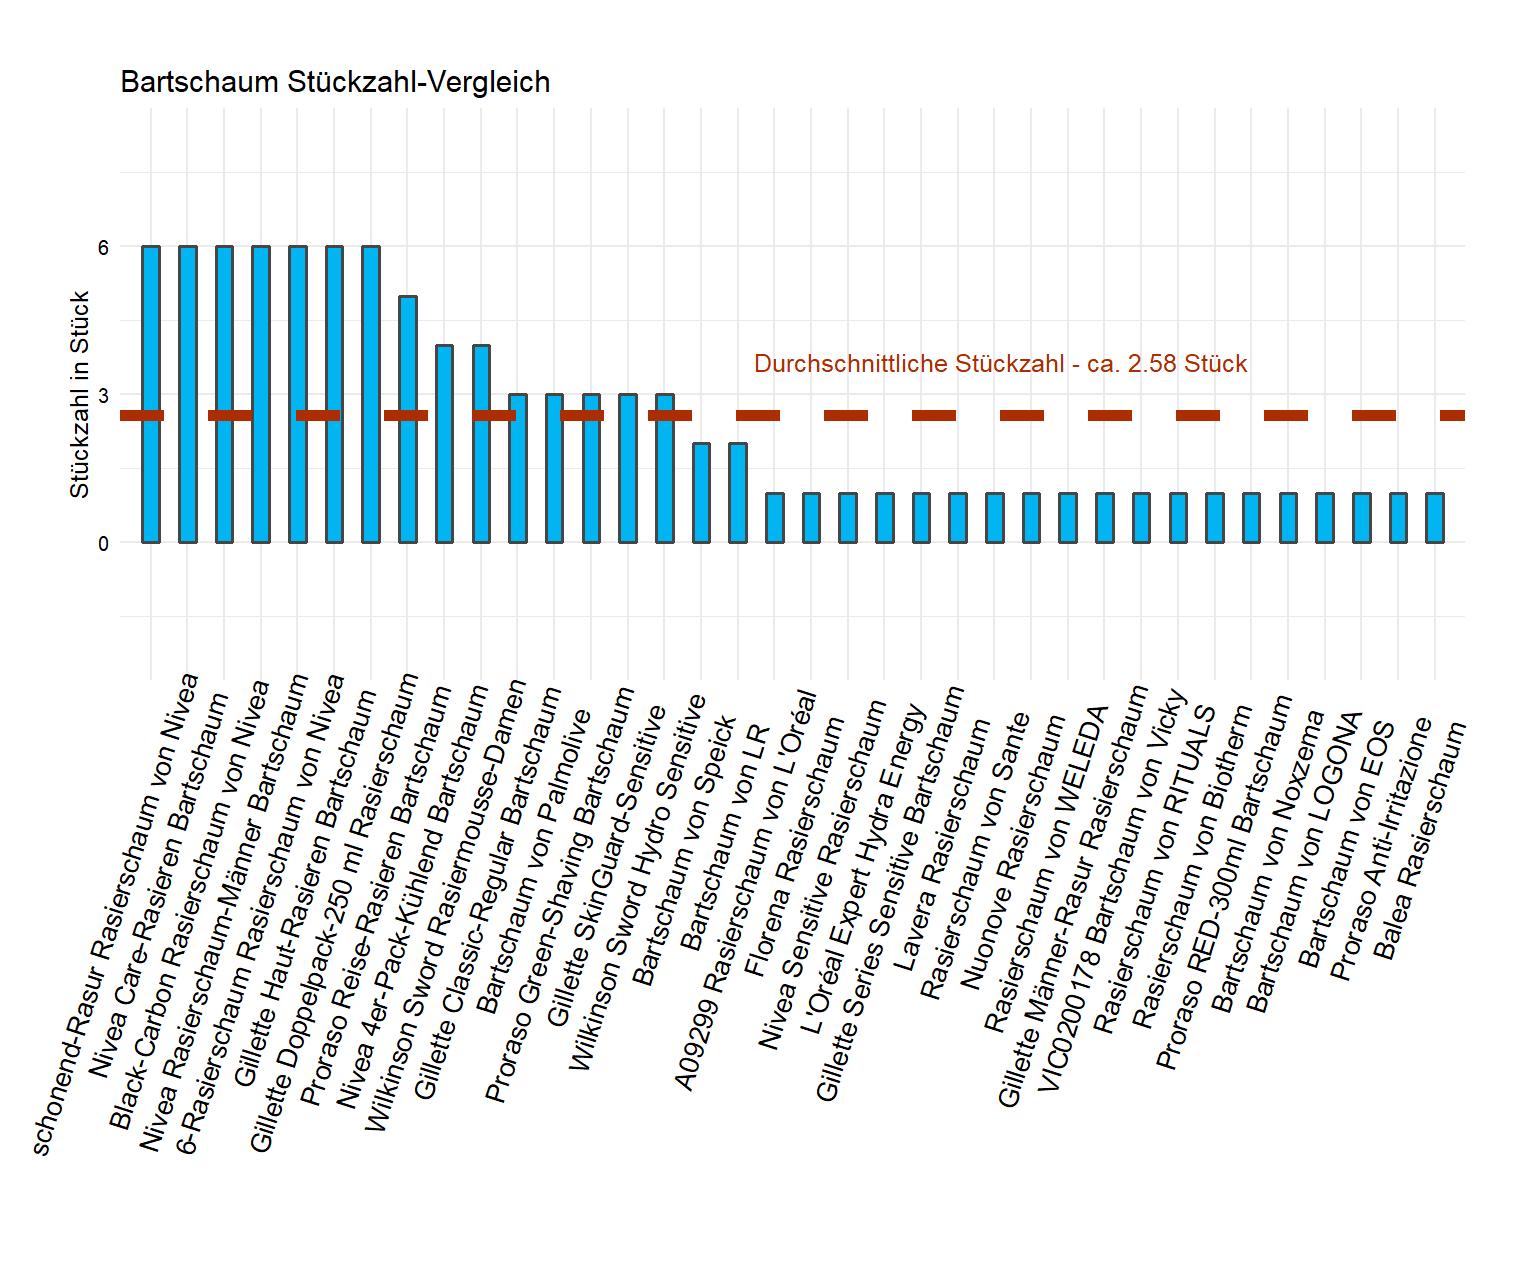 Stückzahl-Vergleich aller Rasierschäume